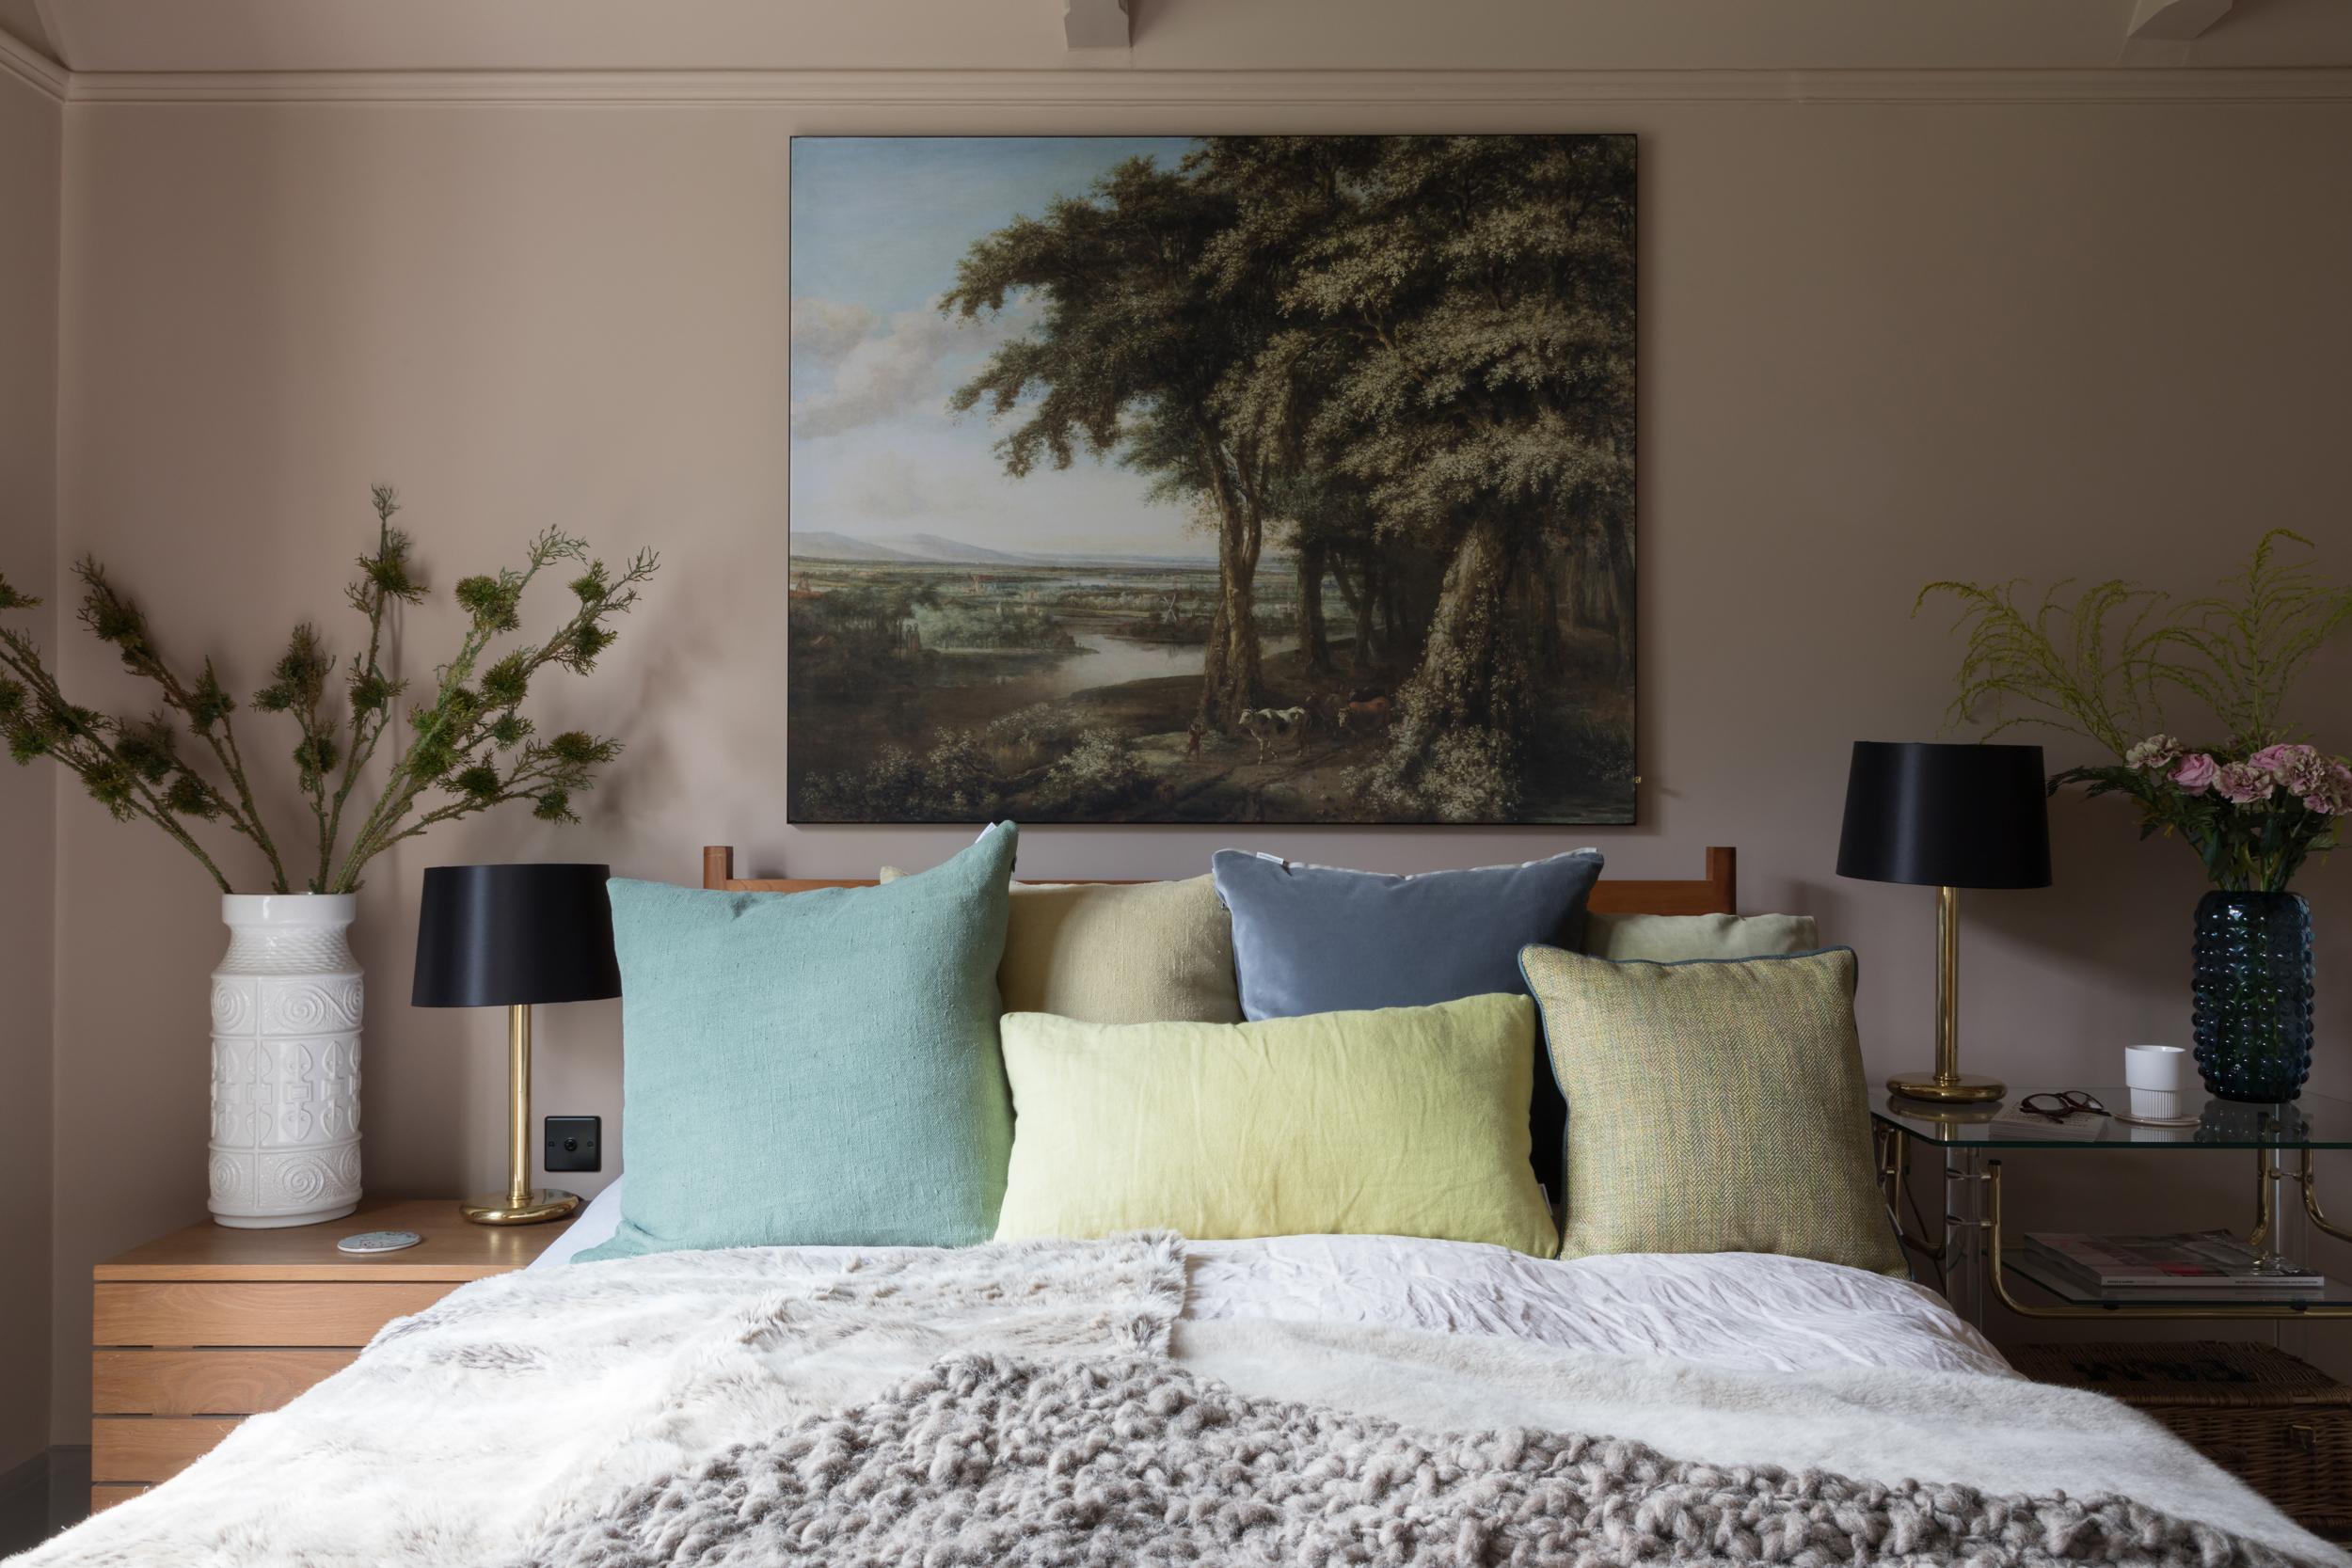 bedroom-design-alisoin-anderson-interiors.jpg